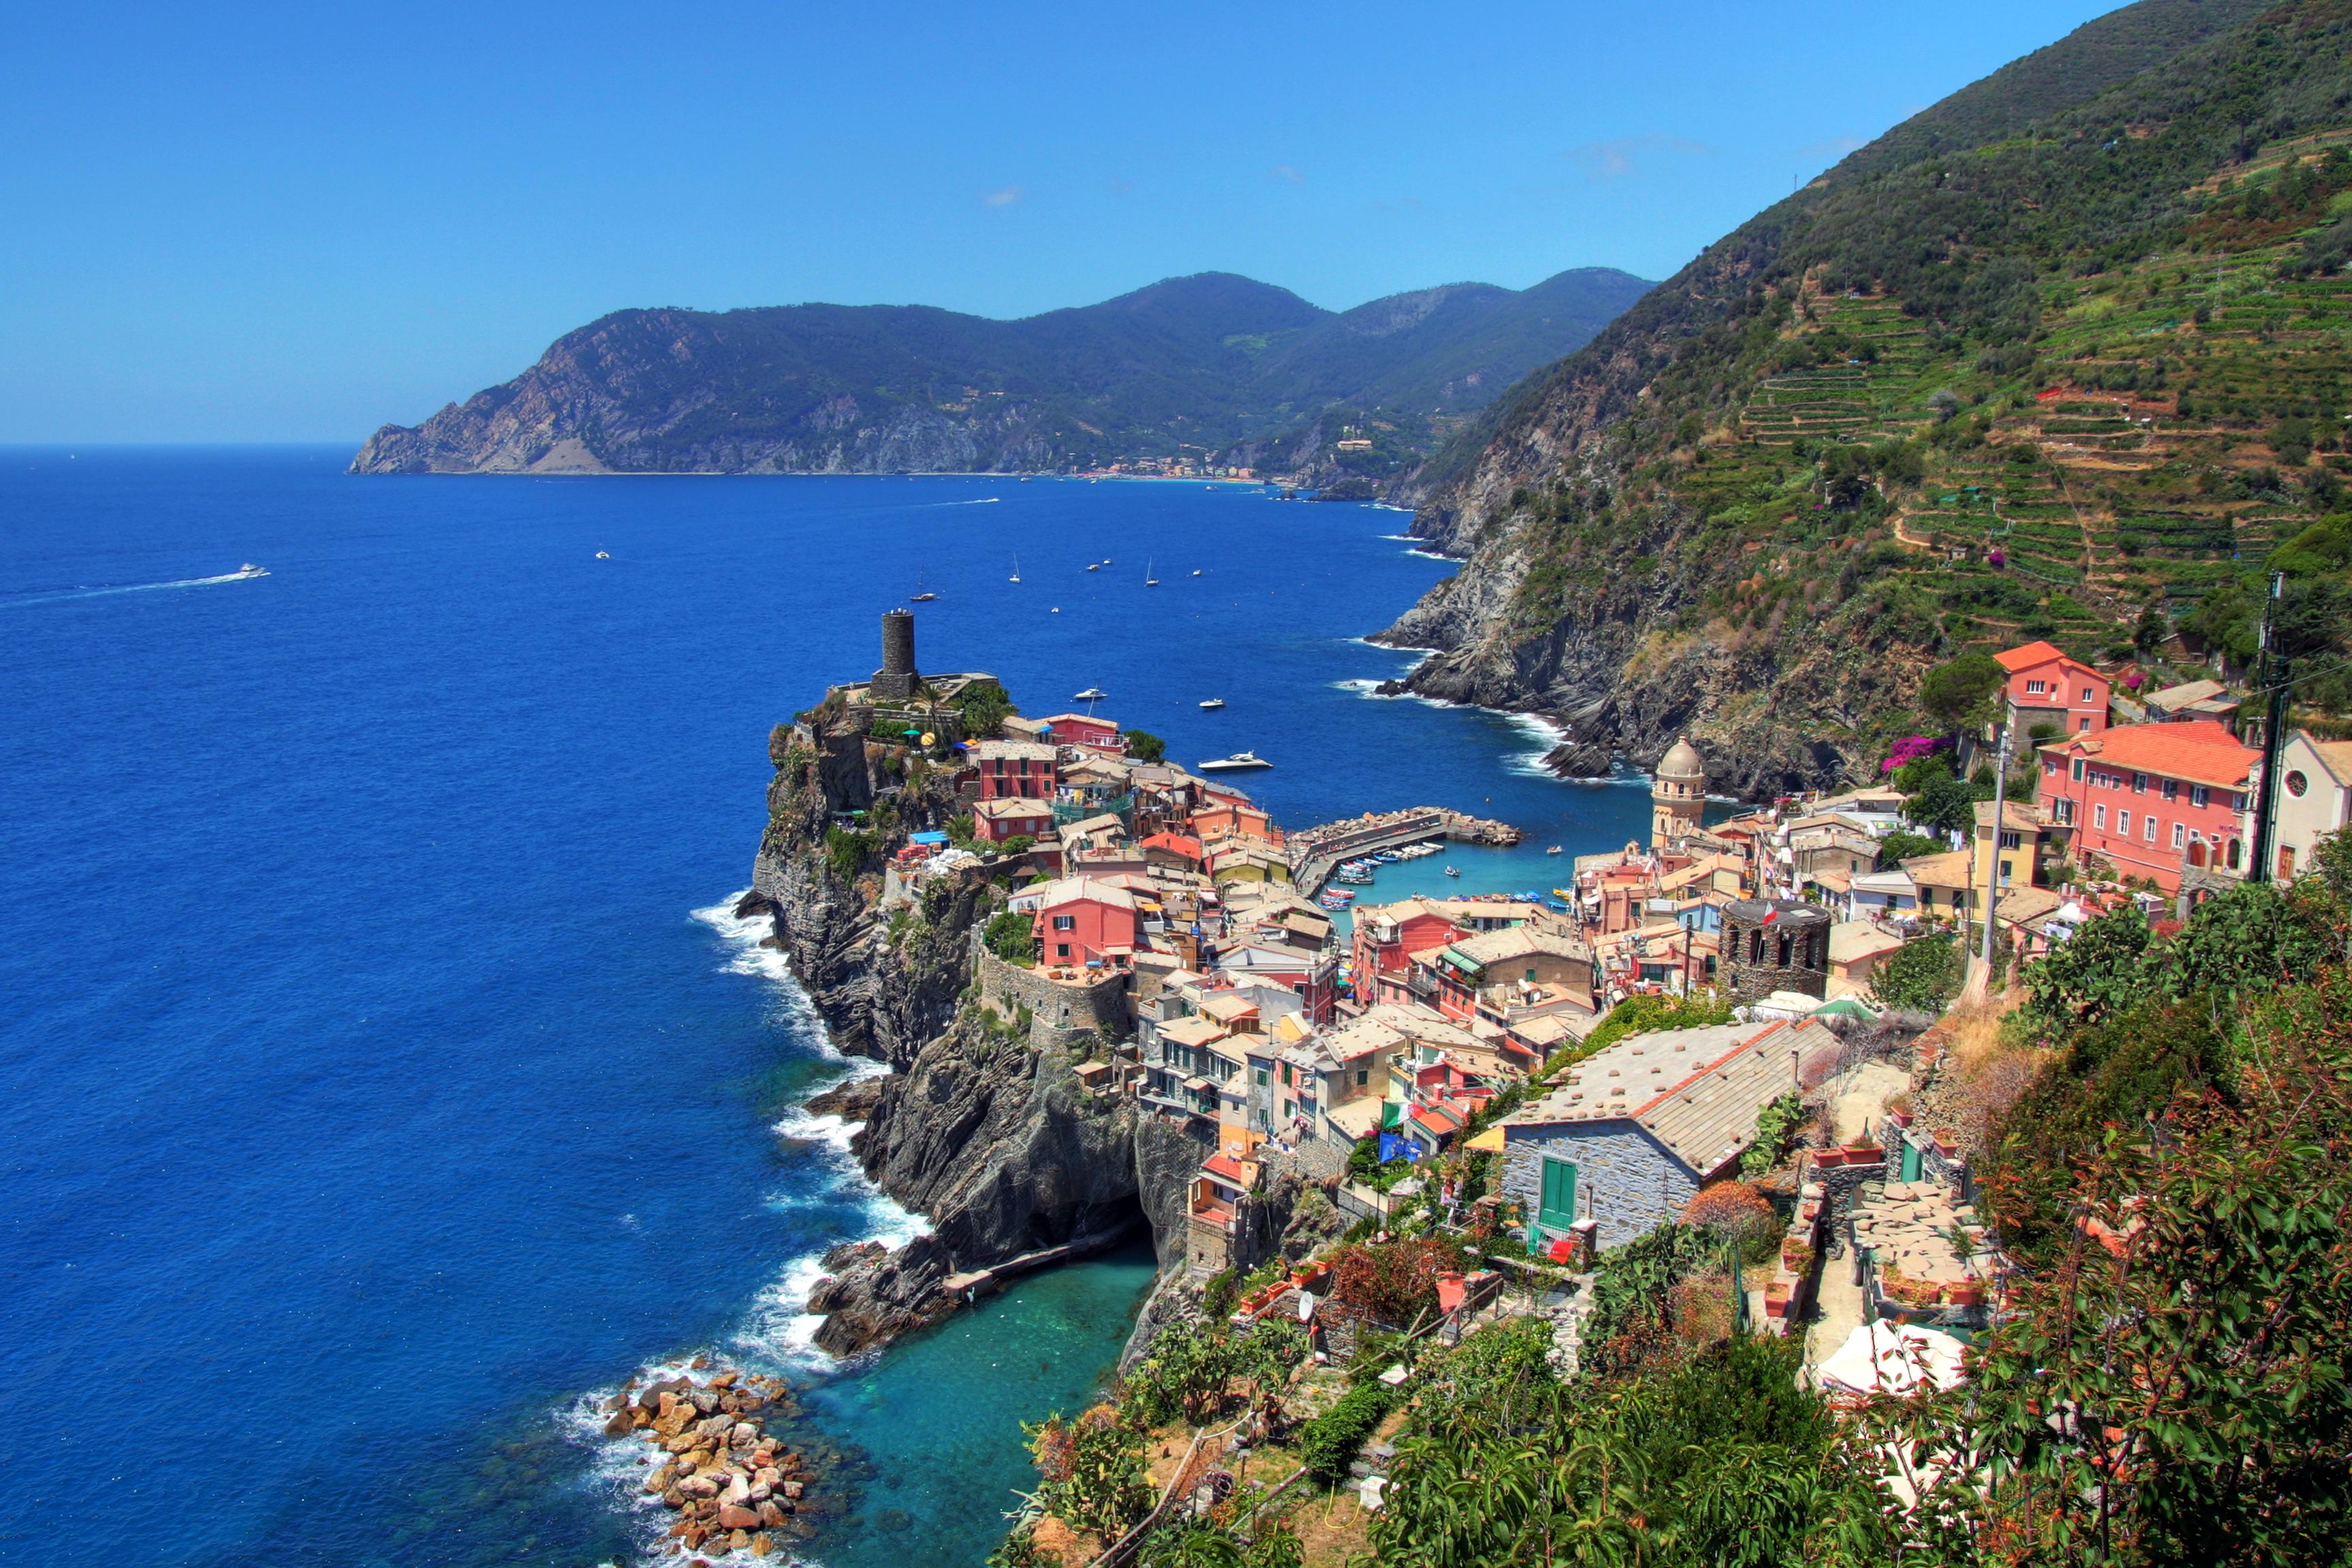 обои италия, море, горы, скалы картинки фото